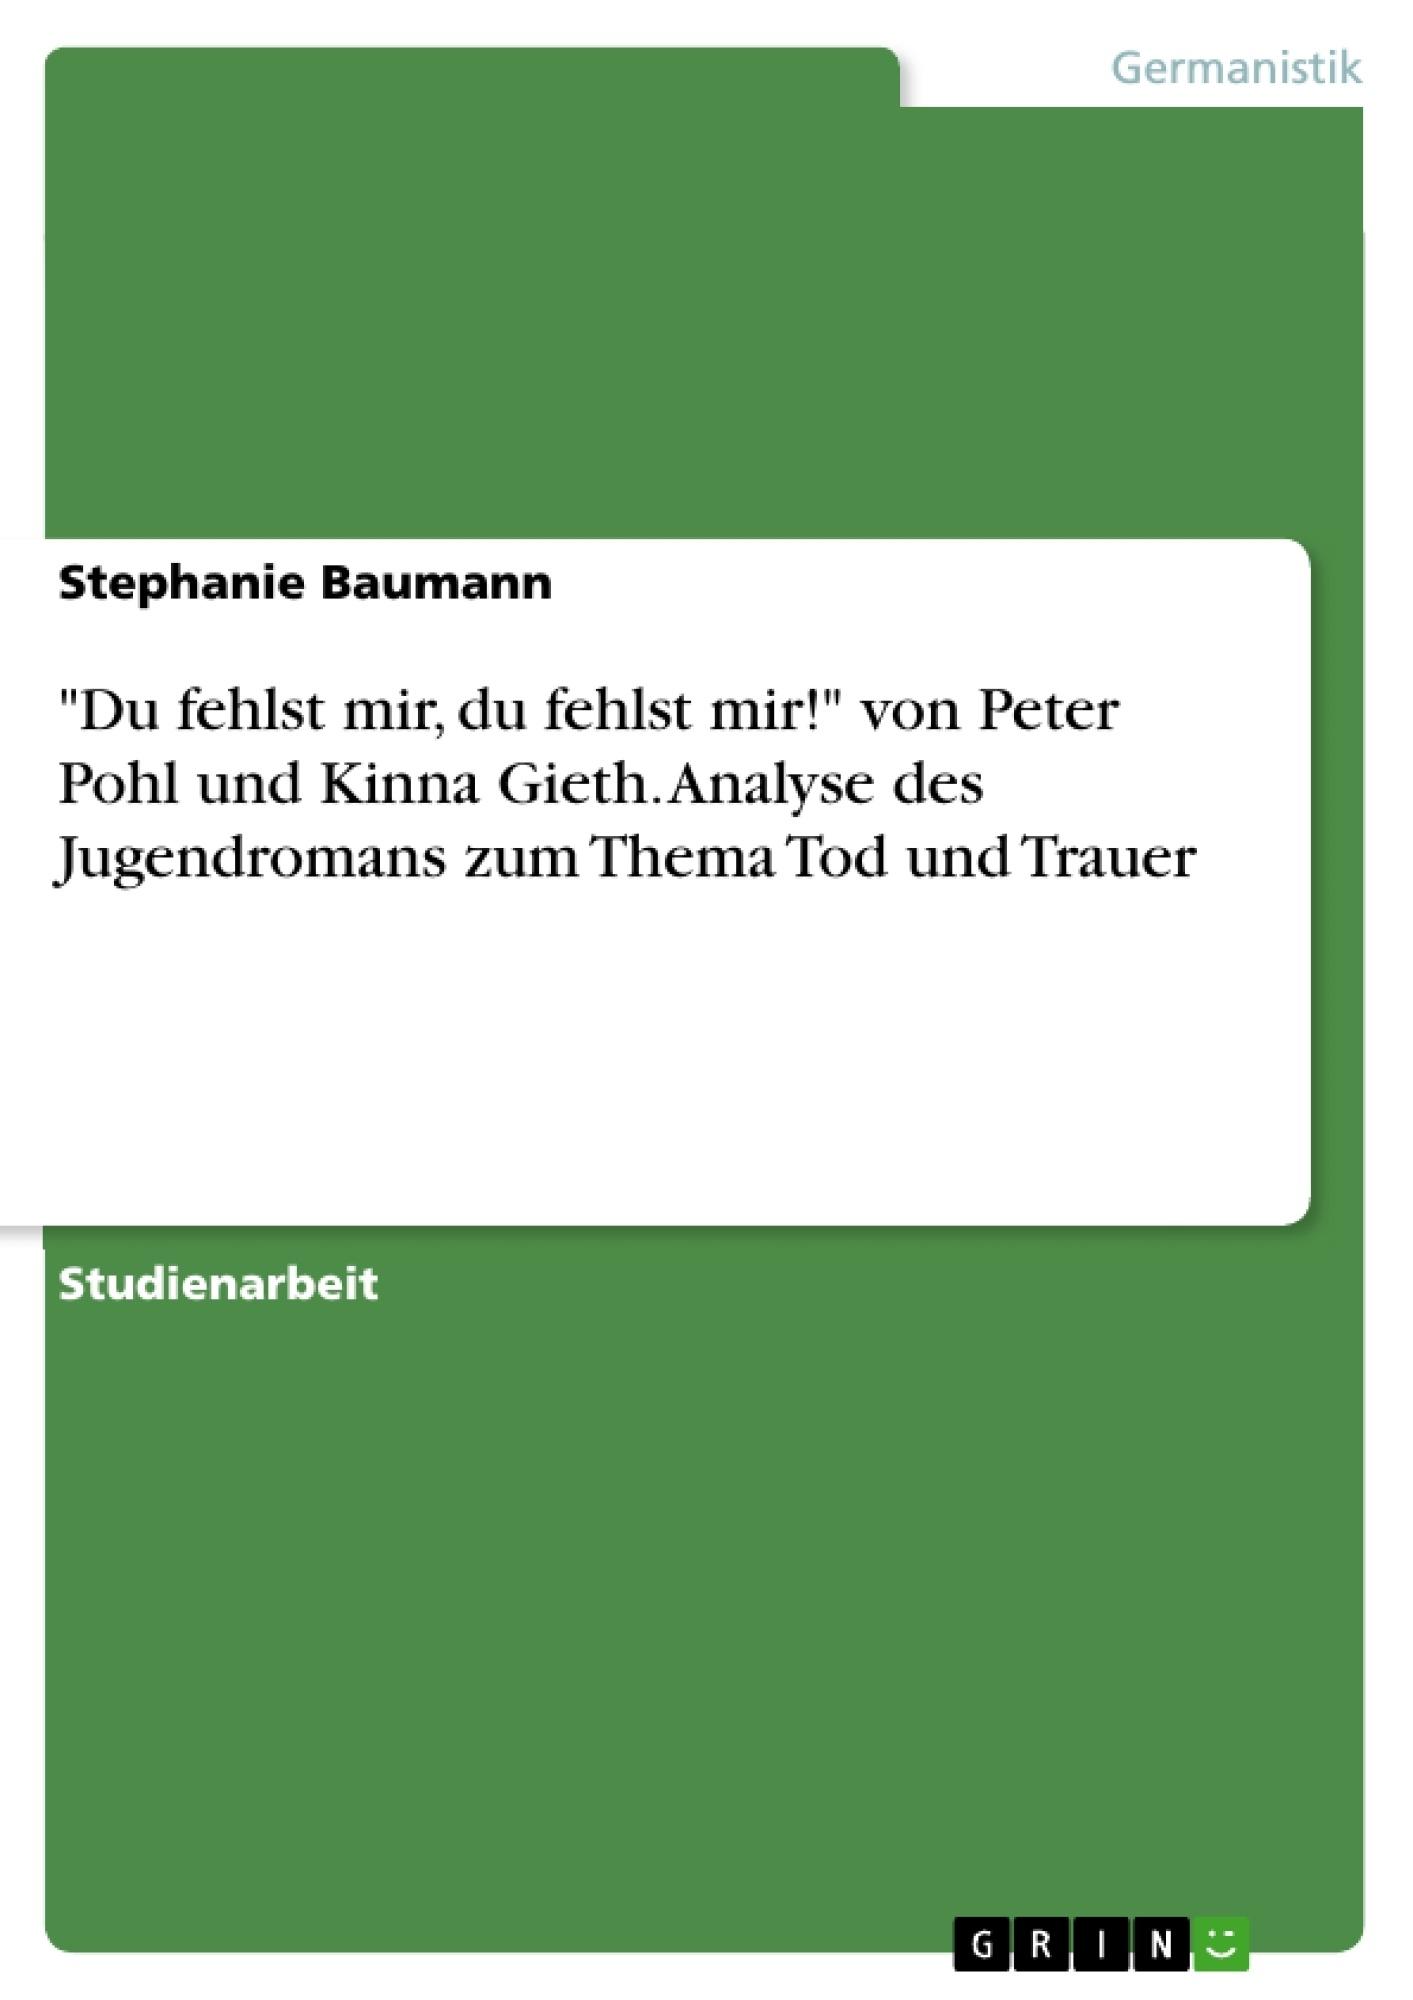 """Titel: """"Du fehlst mir, du fehlst mir!"""" von Peter Pohl und Kinna Gieth. Analyse des Jugendromans zum Thema Tod und Trauer"""